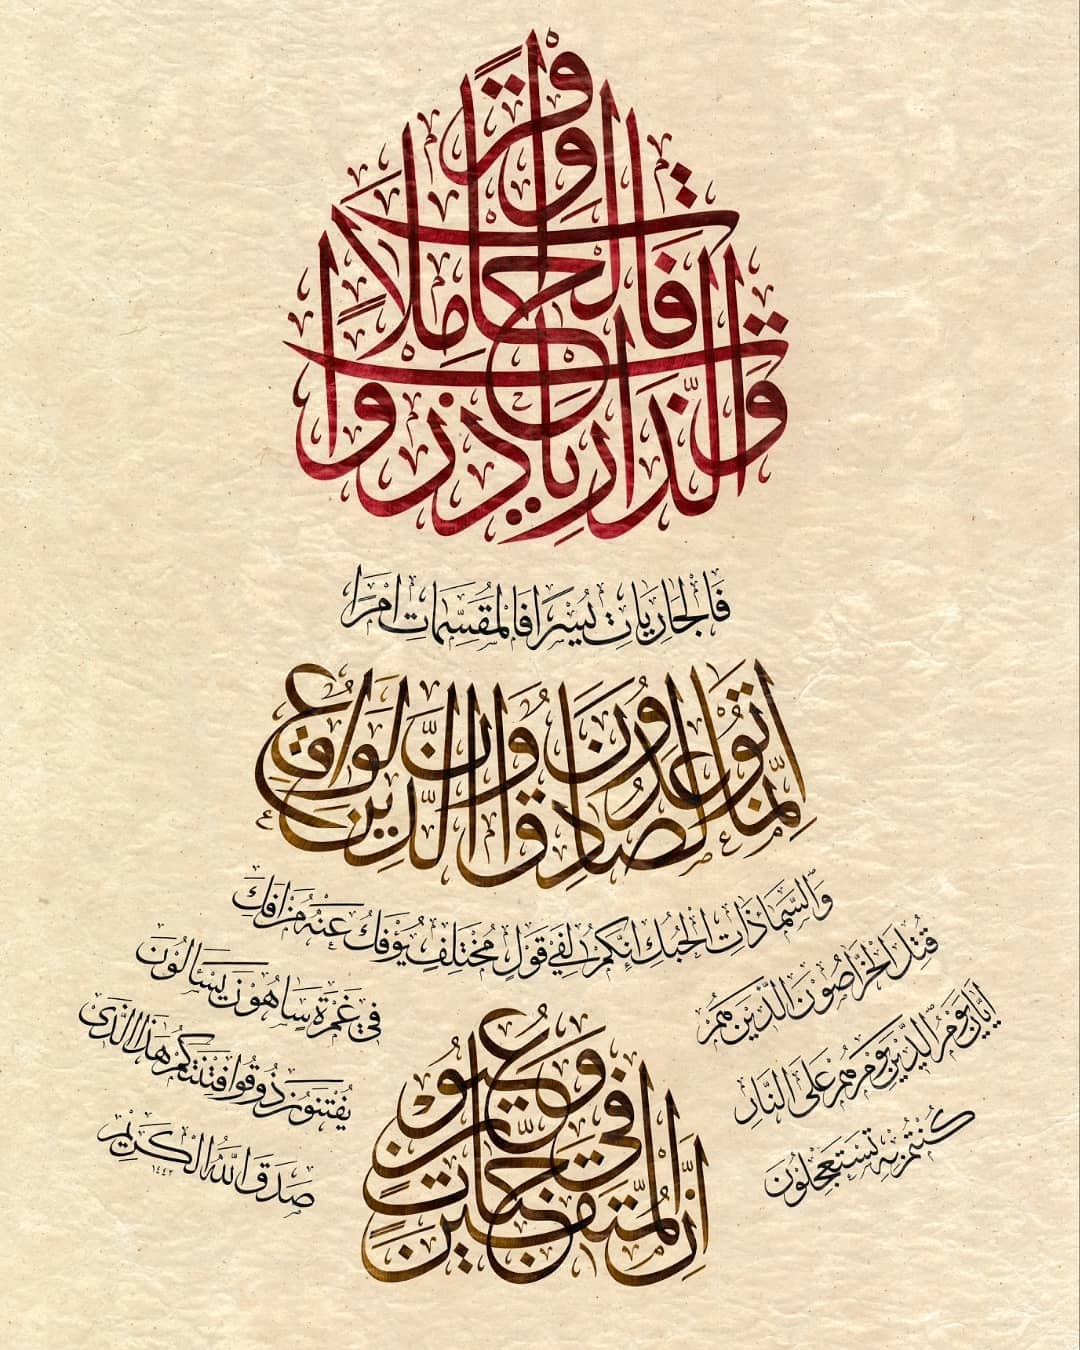 al kattat احمدعلی نمازی  ………Konya uluslararası İslam Sanatları yarışması, hat dalında 1.lik ödülüne… 927